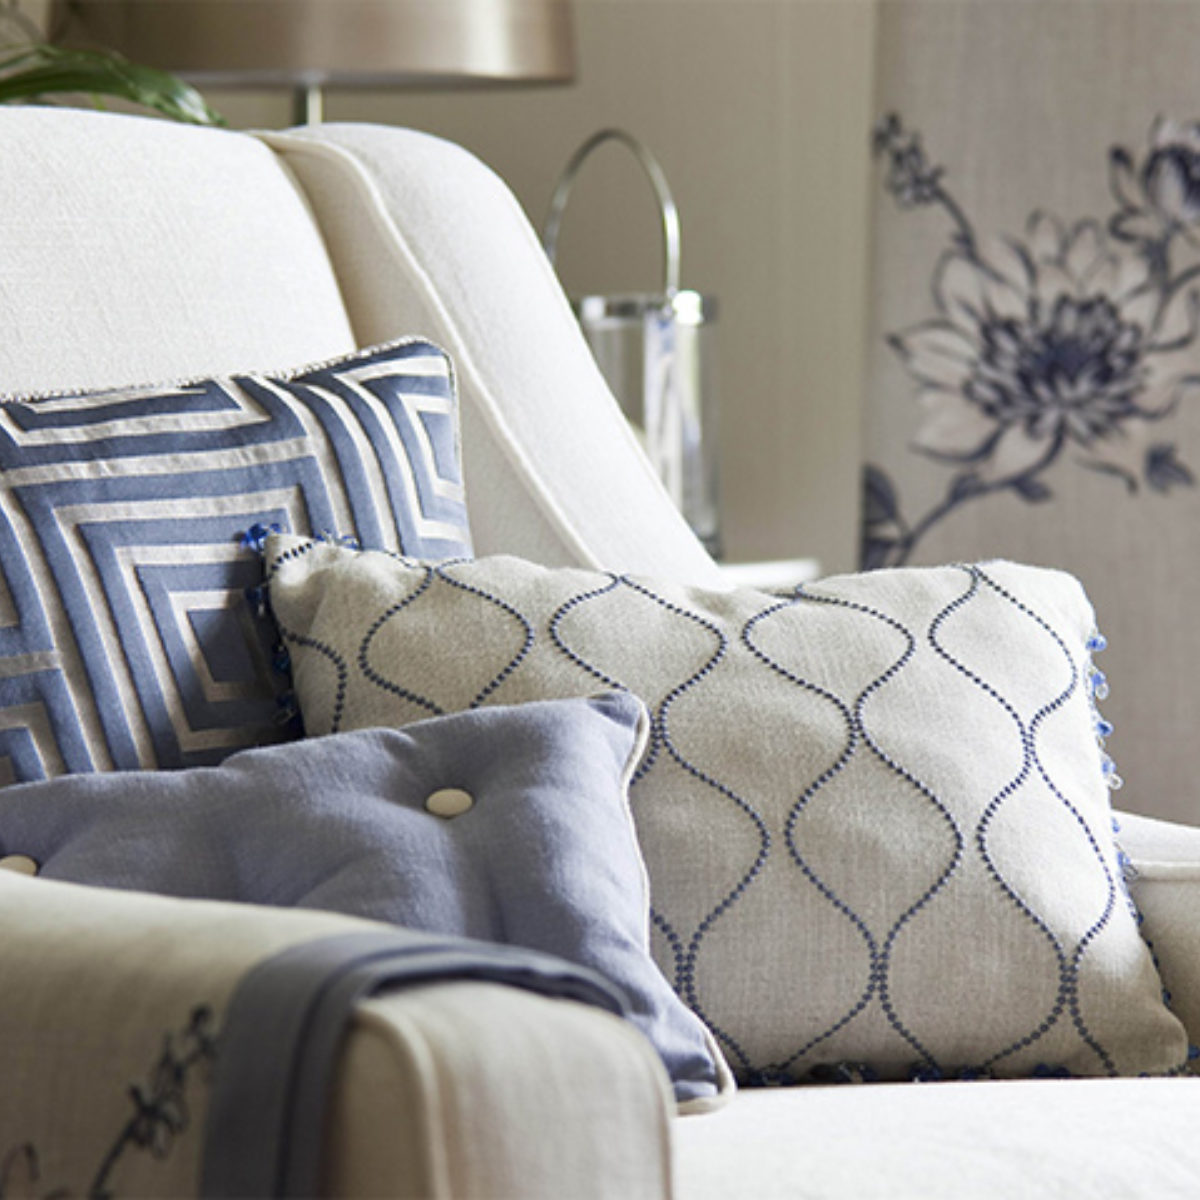 Image d'un fauteuil avec un coussin et des rideaux